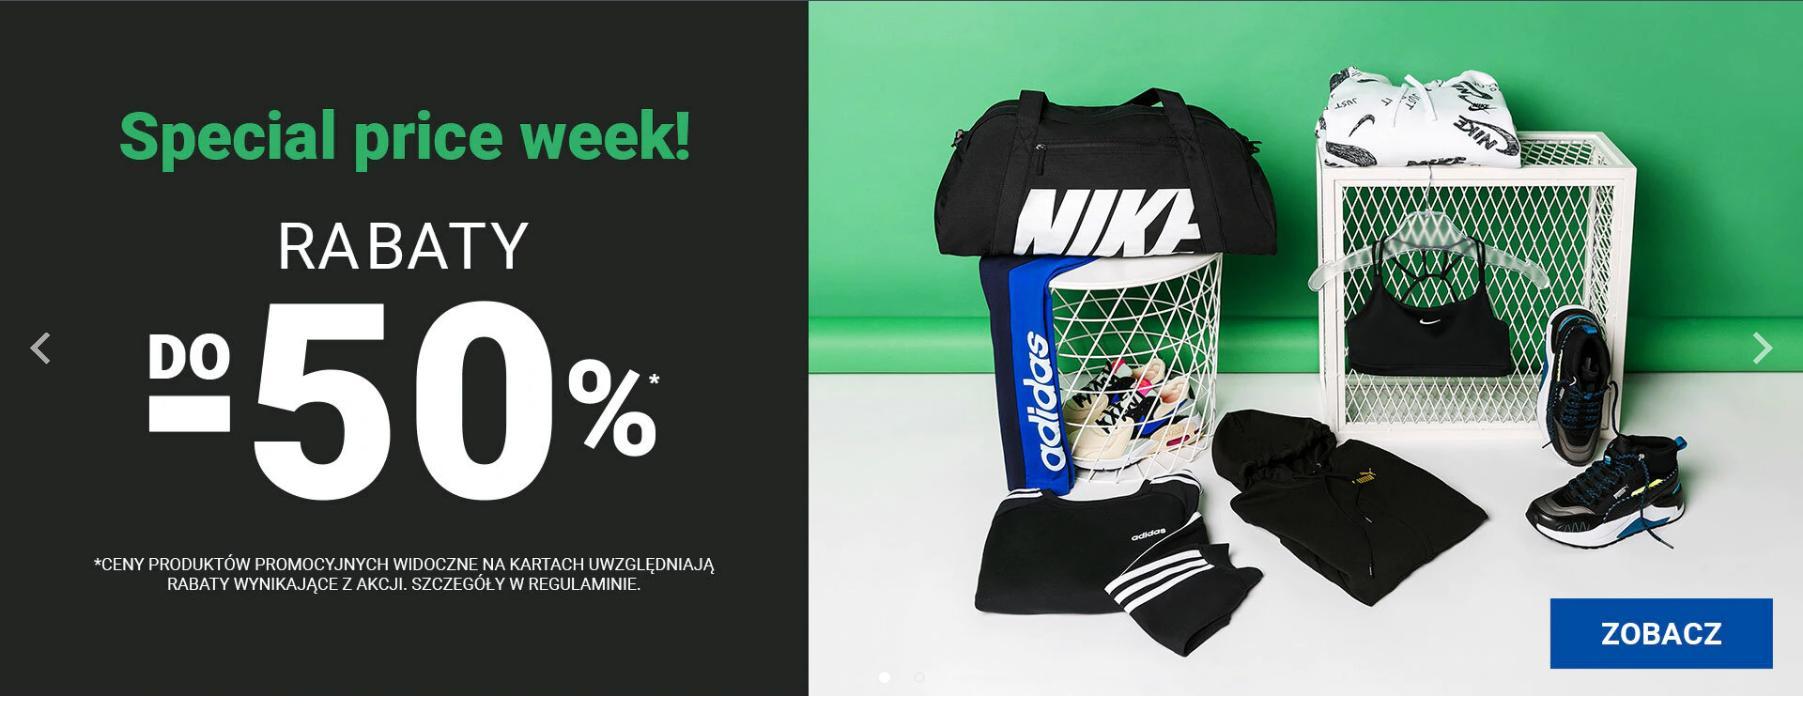 ButySportowe.pl: Special Price Week do 50% rabatu na buty i odzież sportową